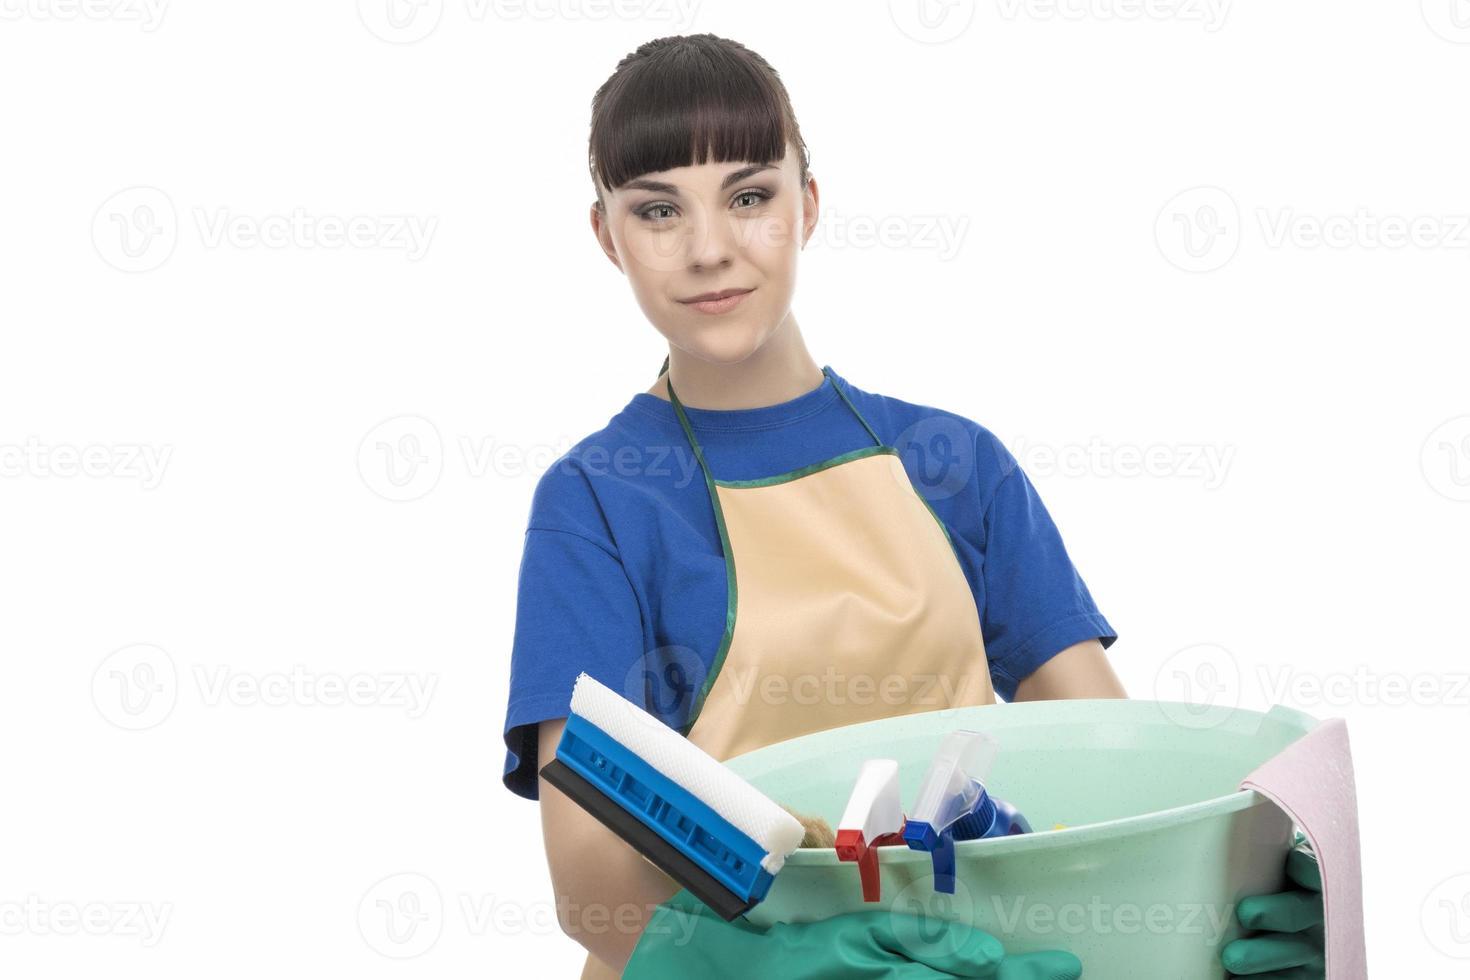 Kaukasische schonere meid vrouw met schoonmaak spullen foto